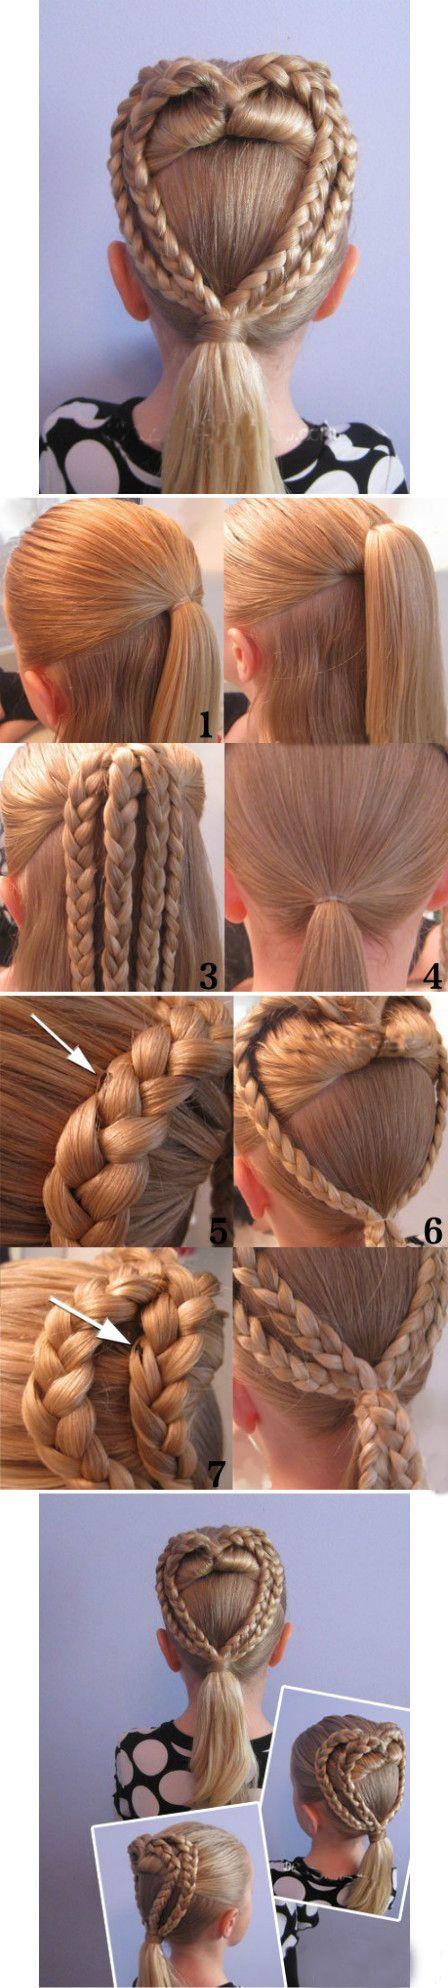 DIY Heart Braid .... LOVE THIS!!